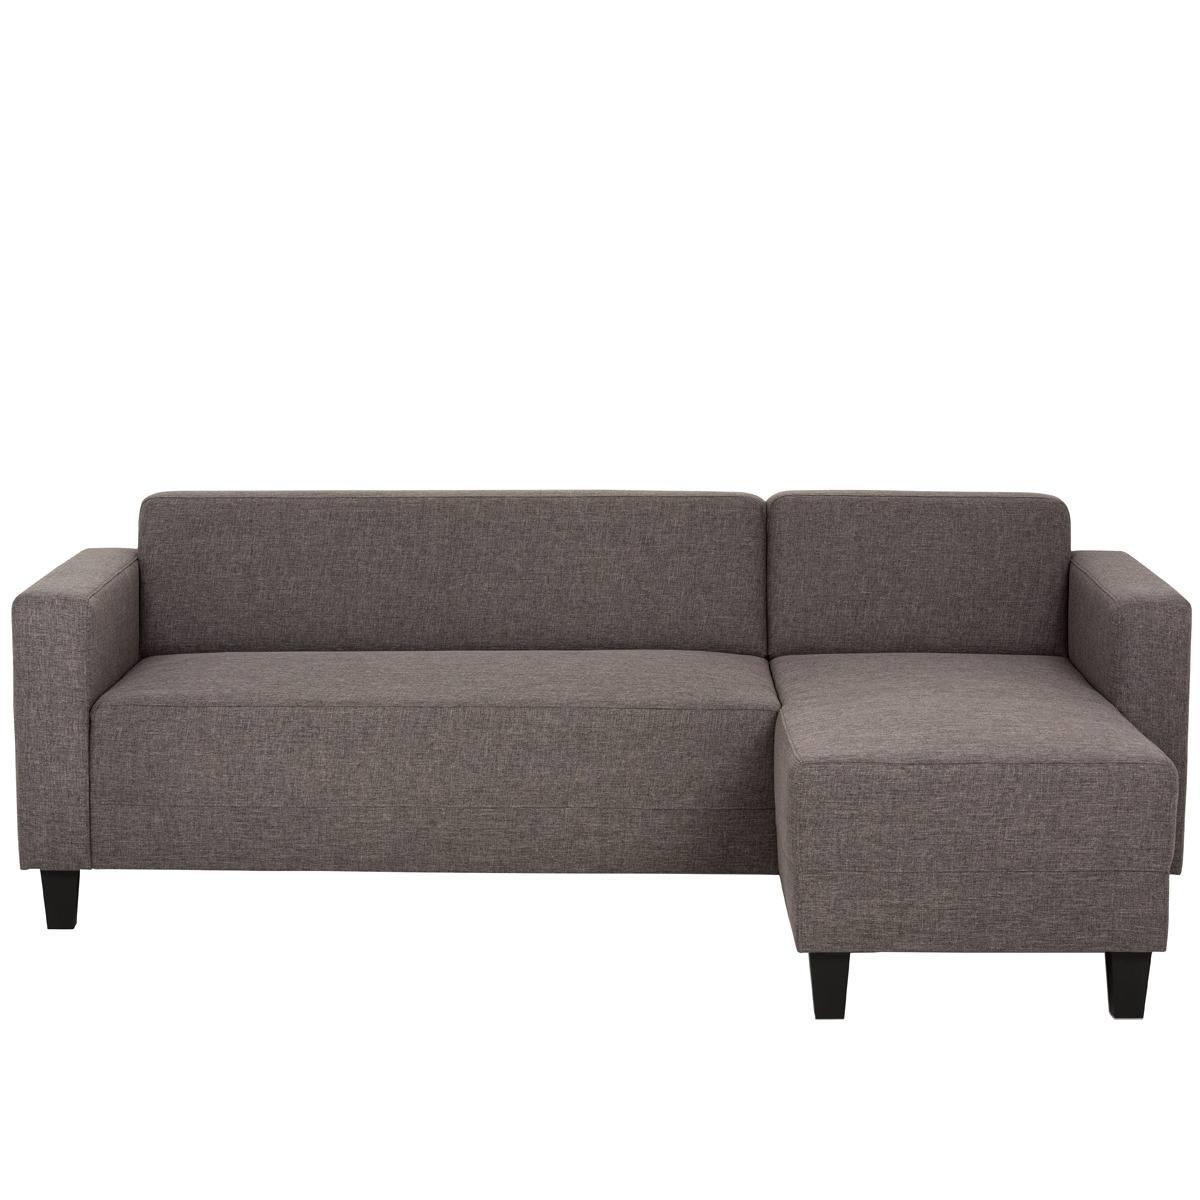 Rebajas el corte ingles verano 2015 sofa chaise longue - Rebajas conforama 2015 ...